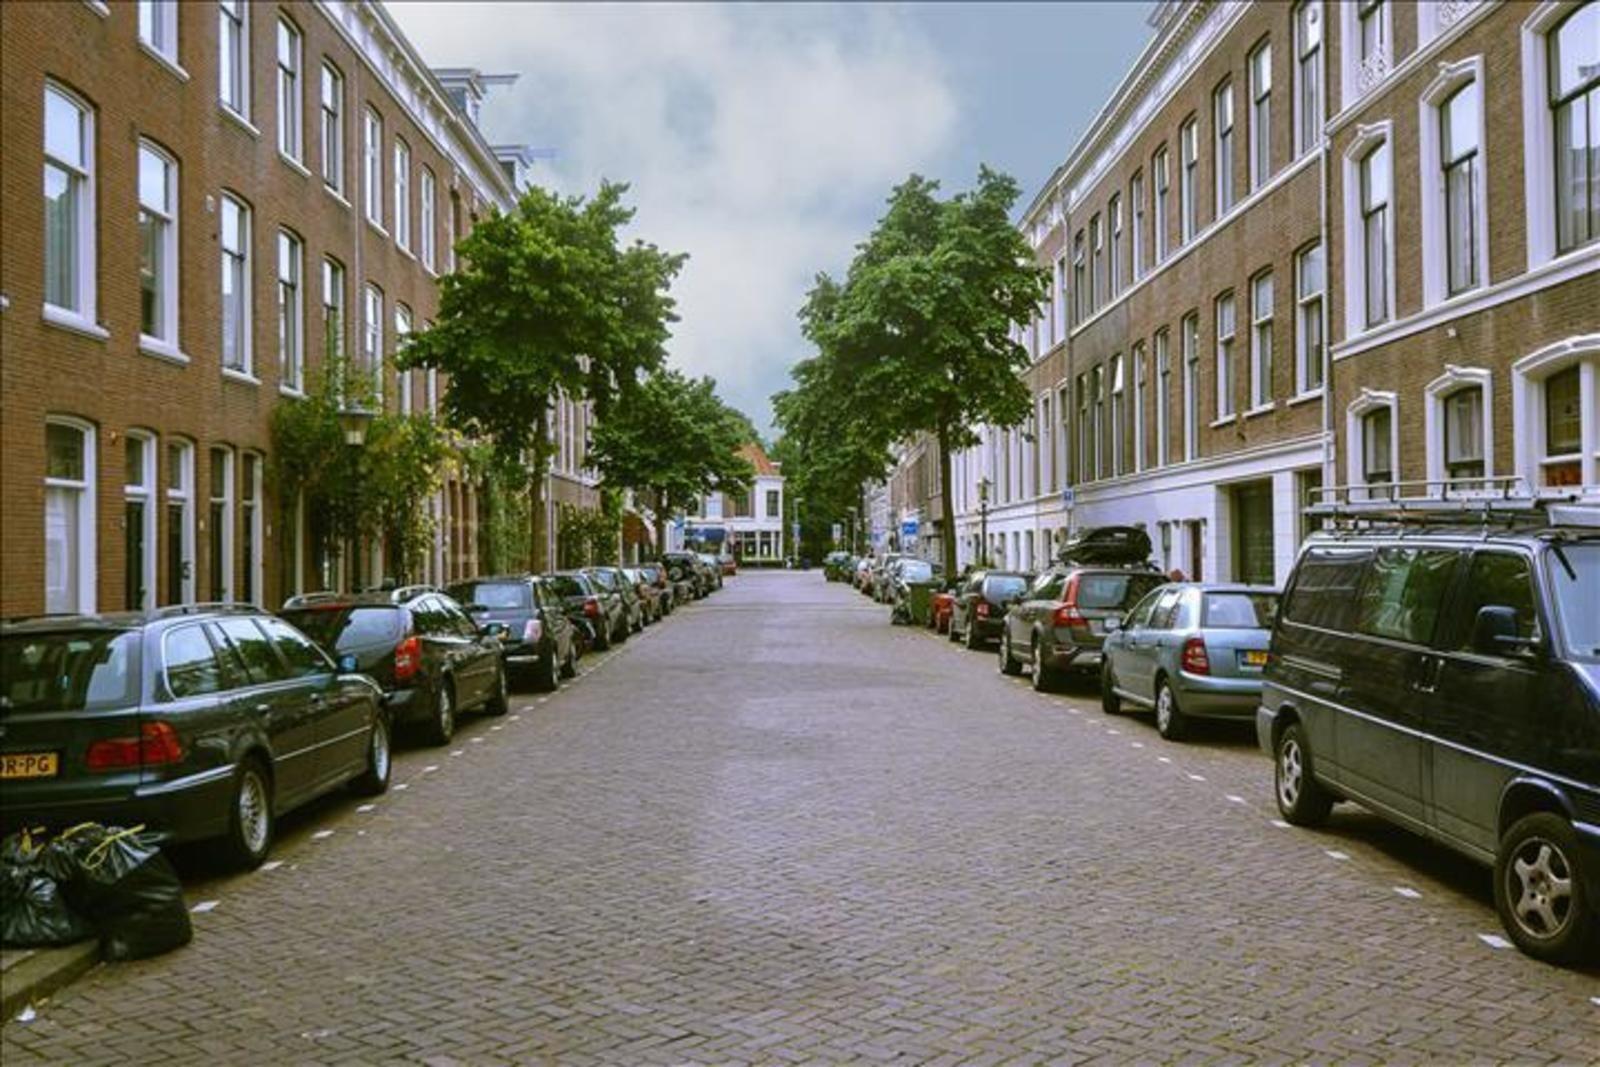 Balistraat 47, 's-Gravenhage